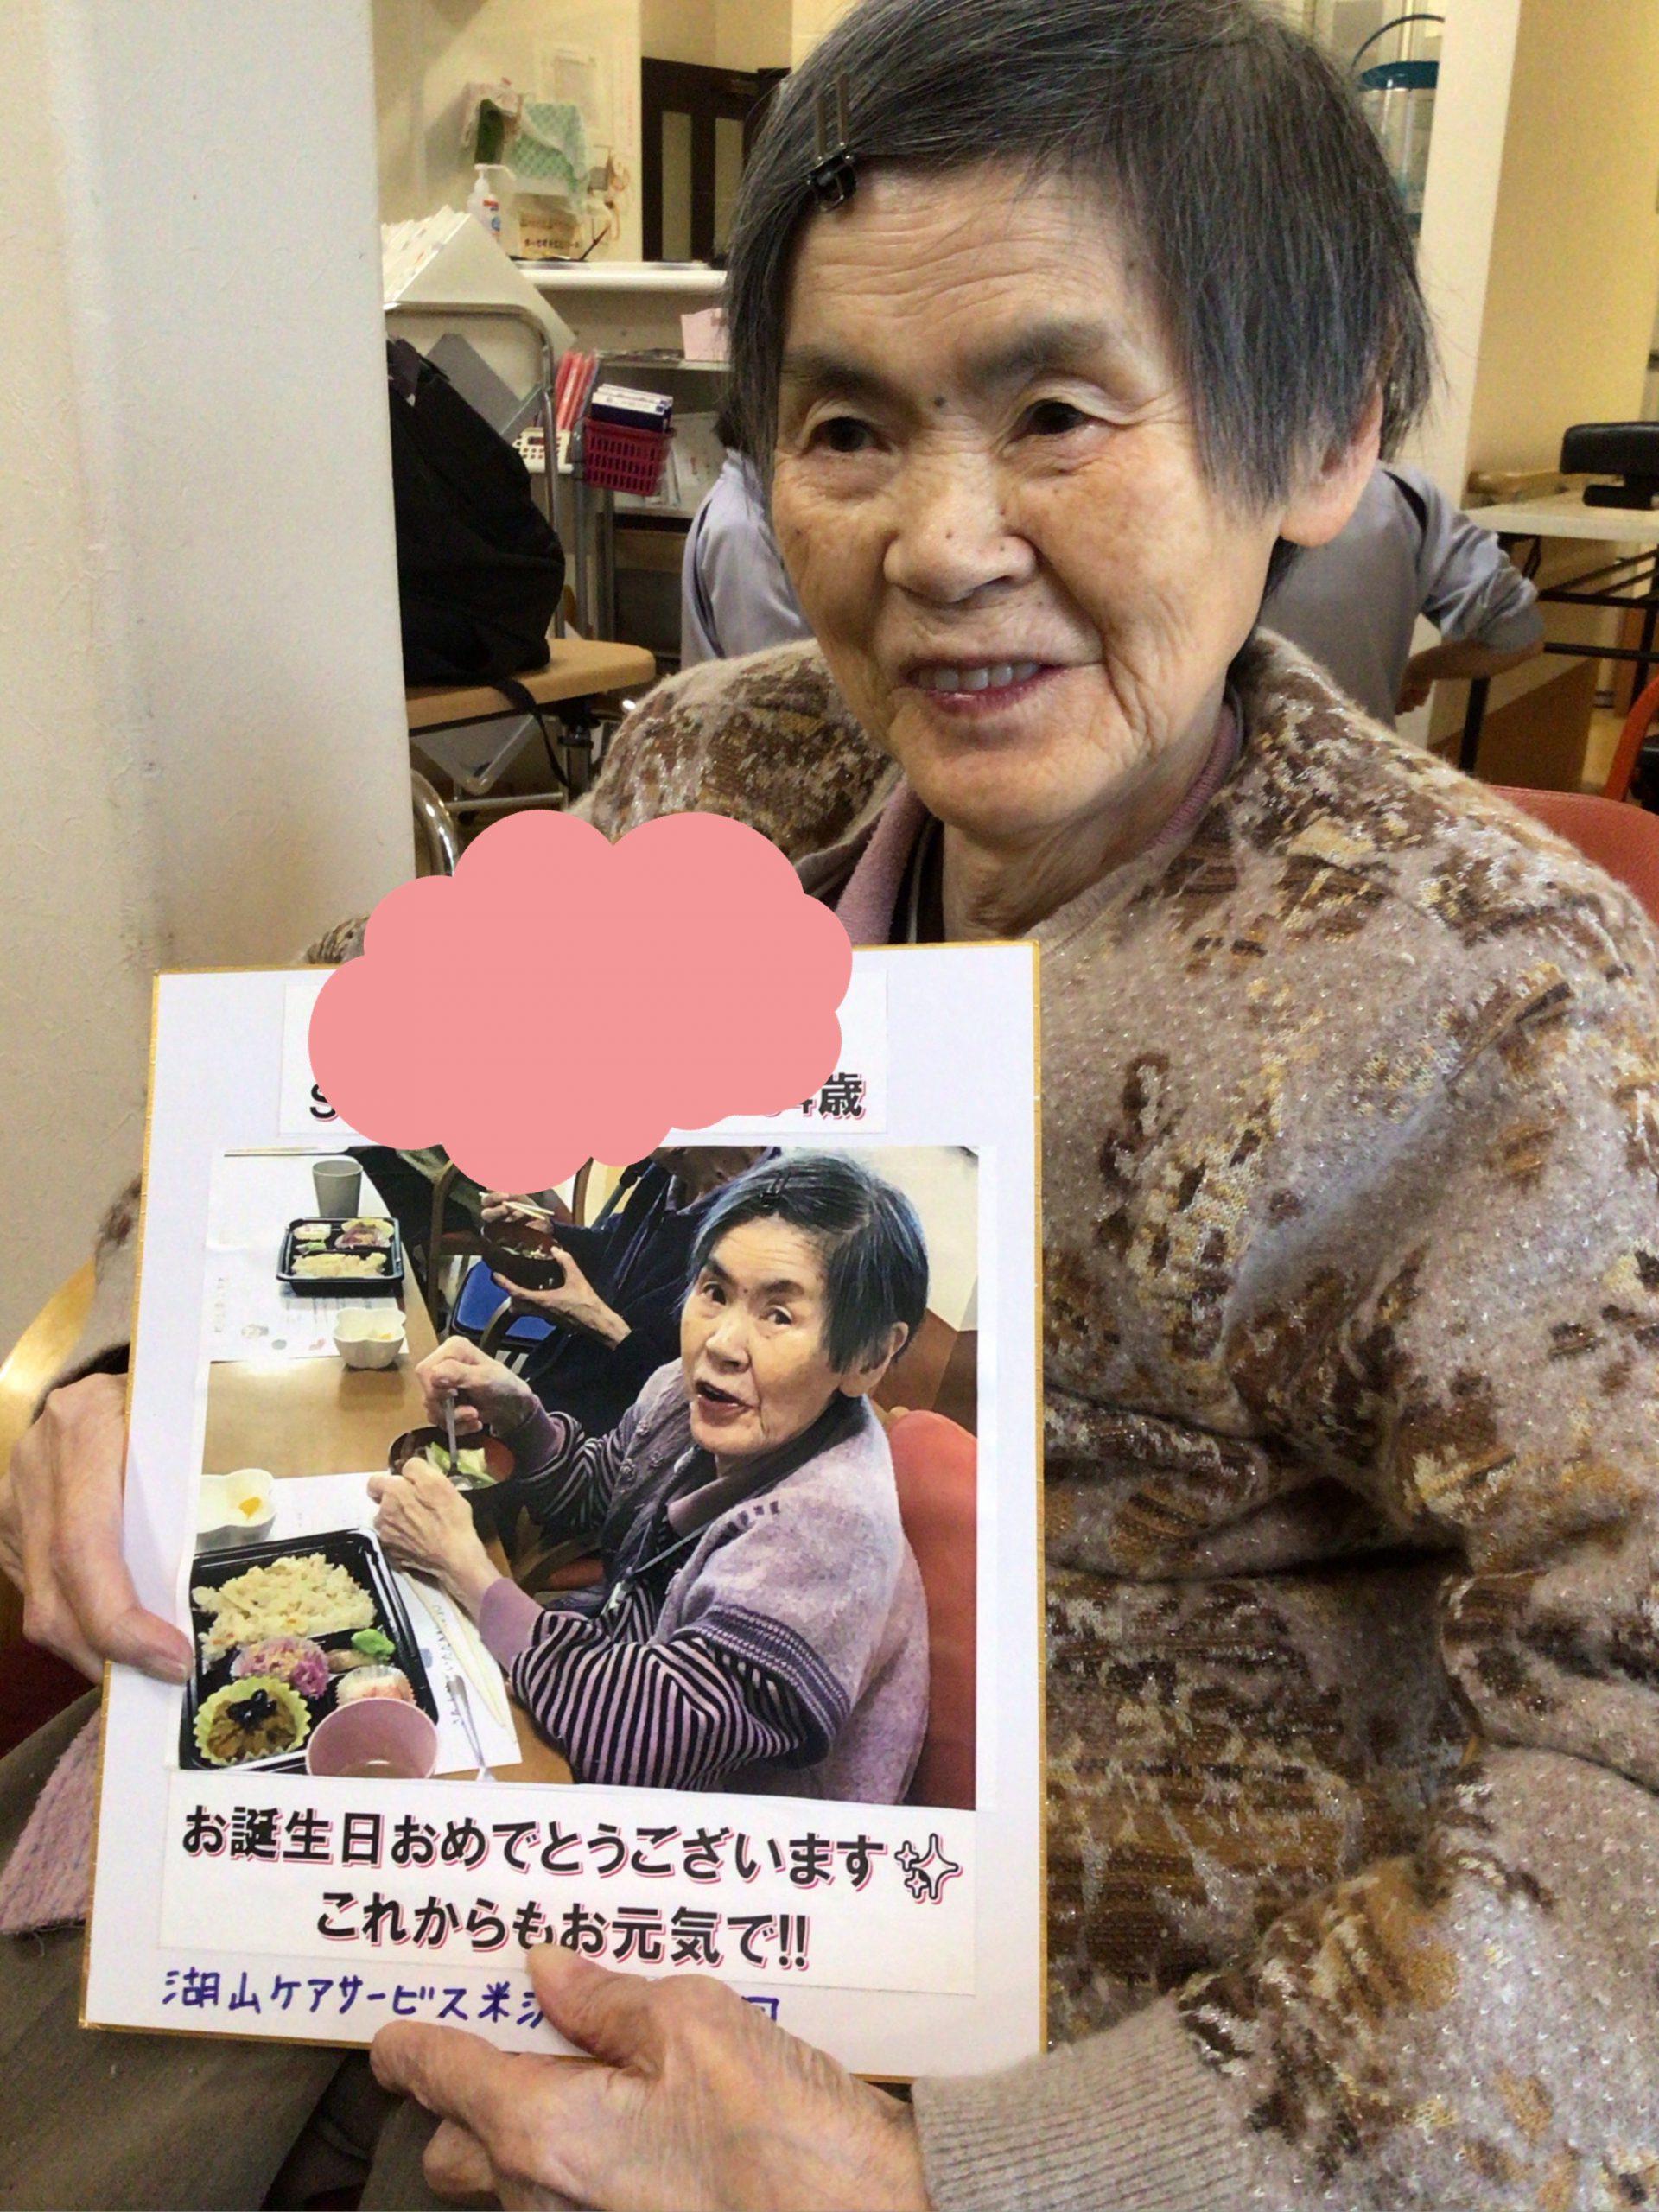 ⭐️湖山ケアサービス米沢⭐️お誕生日おめでとうございます✨